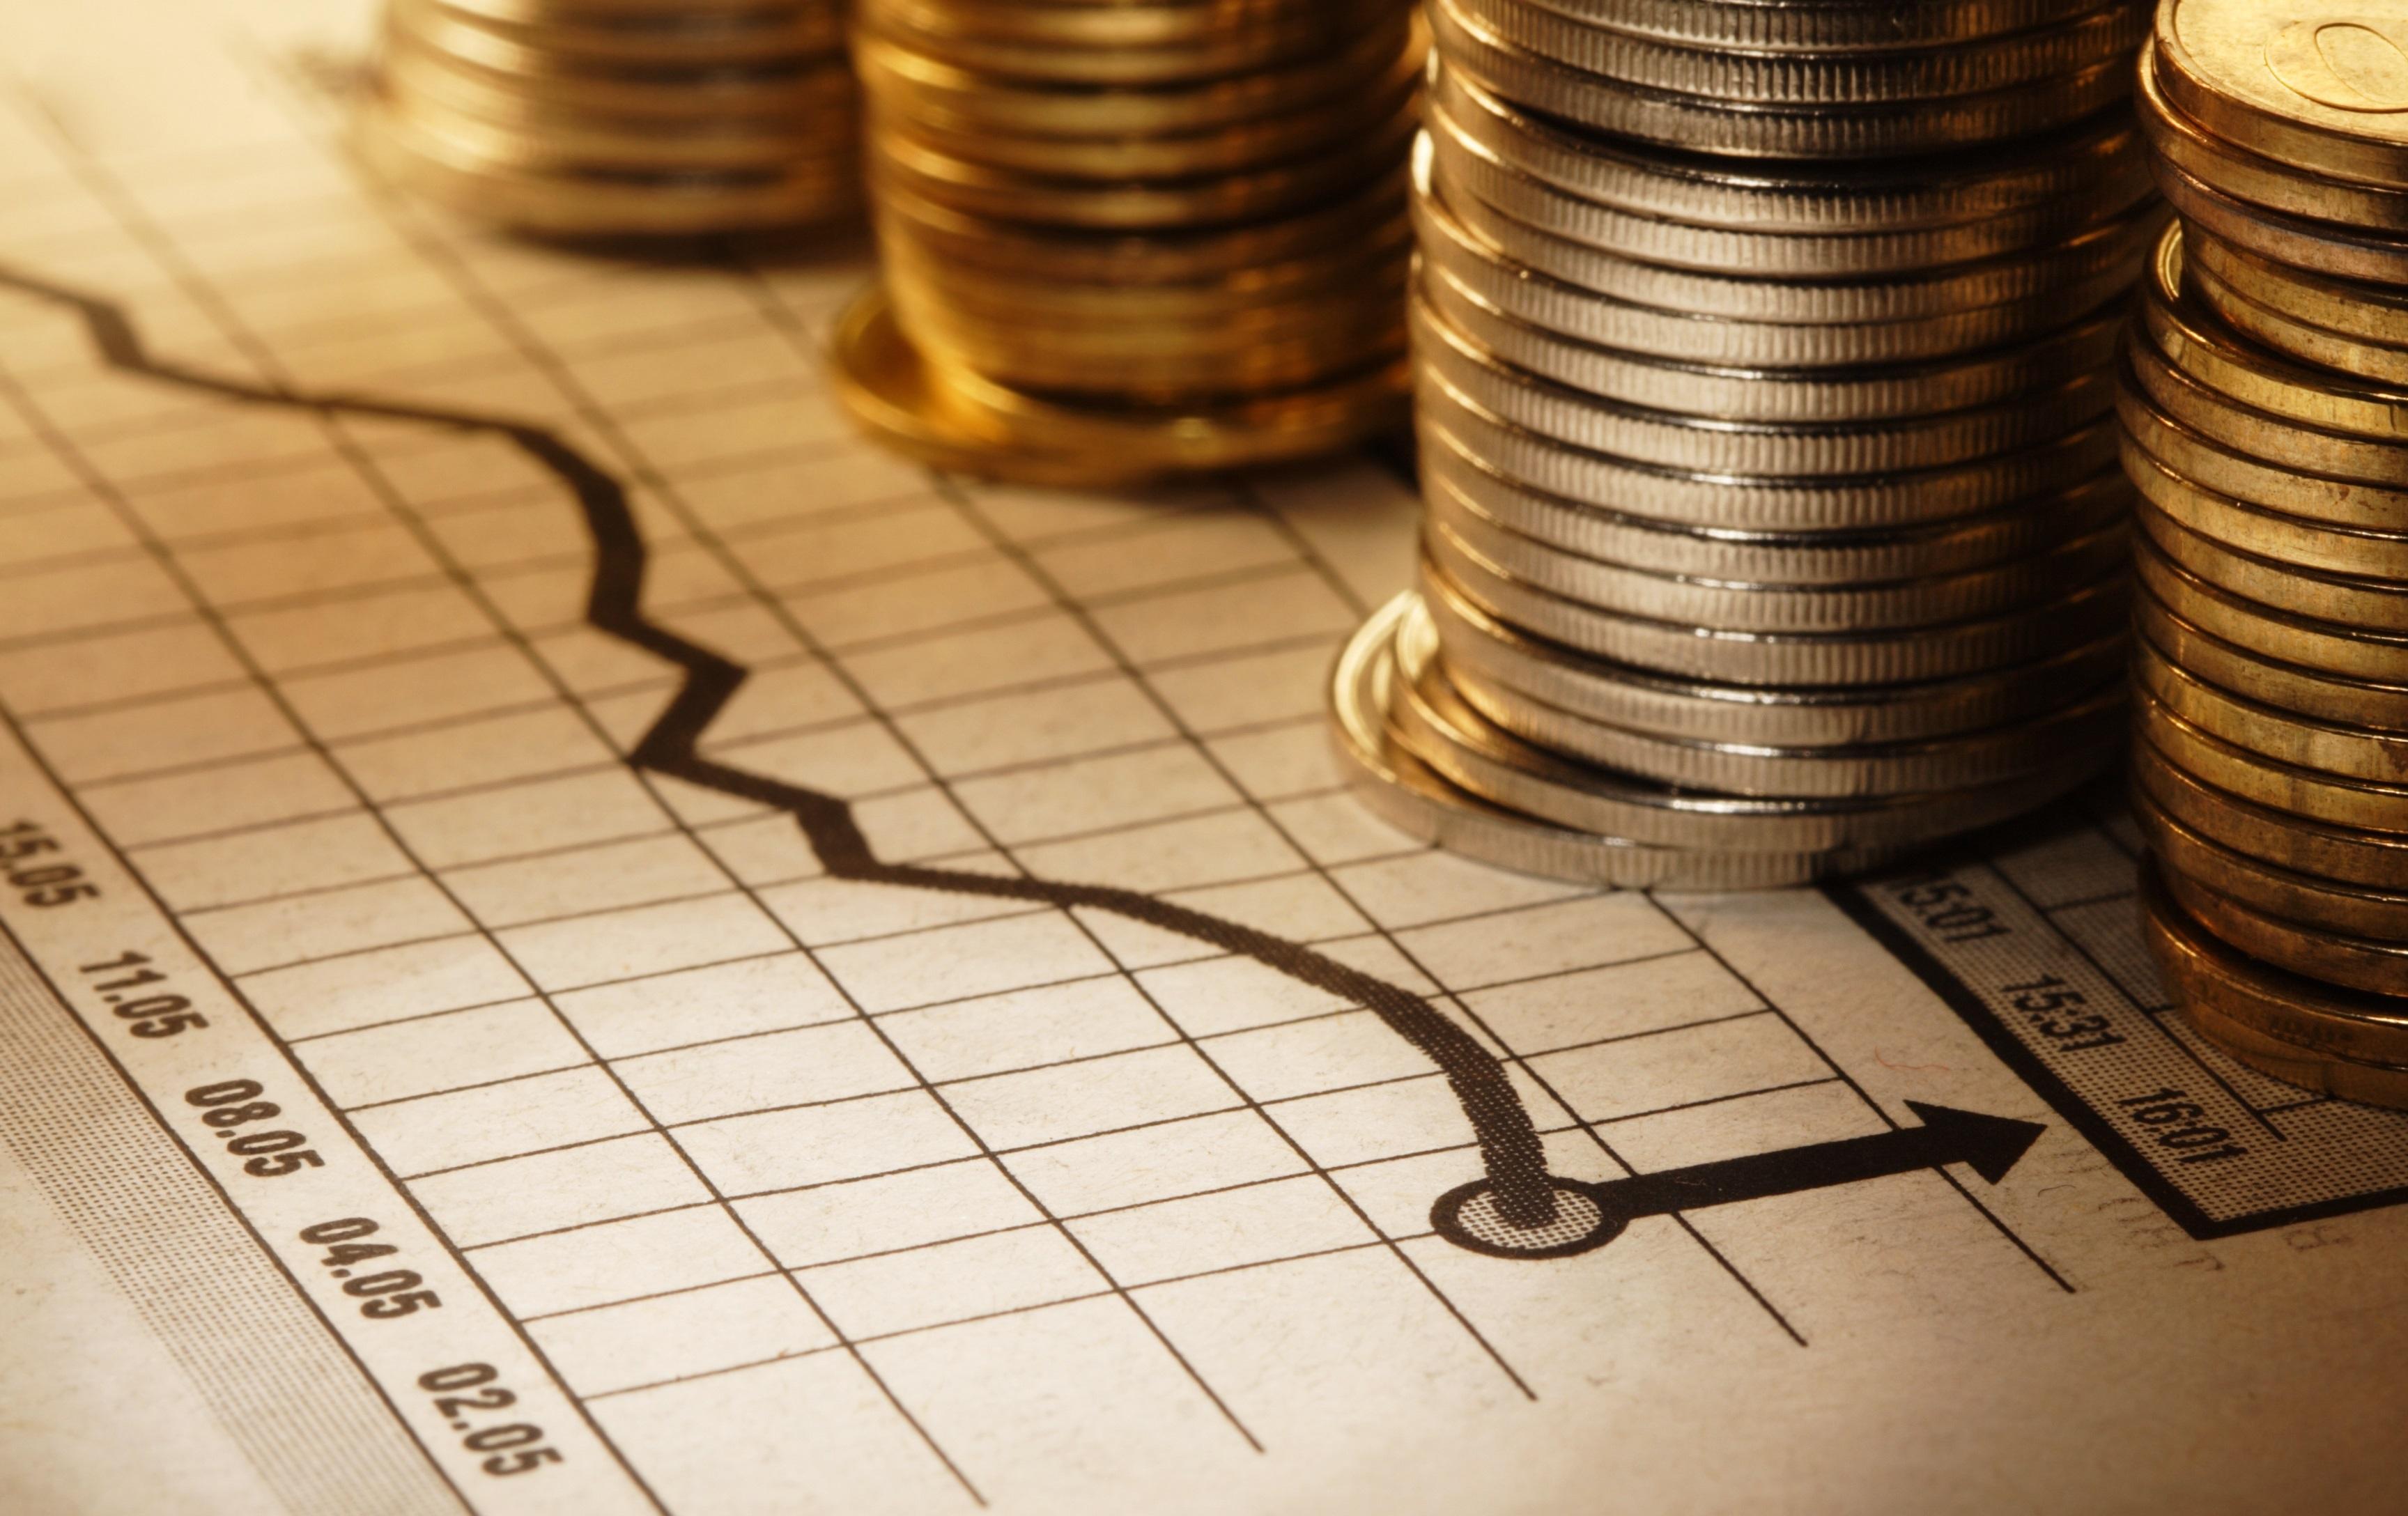 НБУ: 21 банк из60 крупнейших требует докапитализации